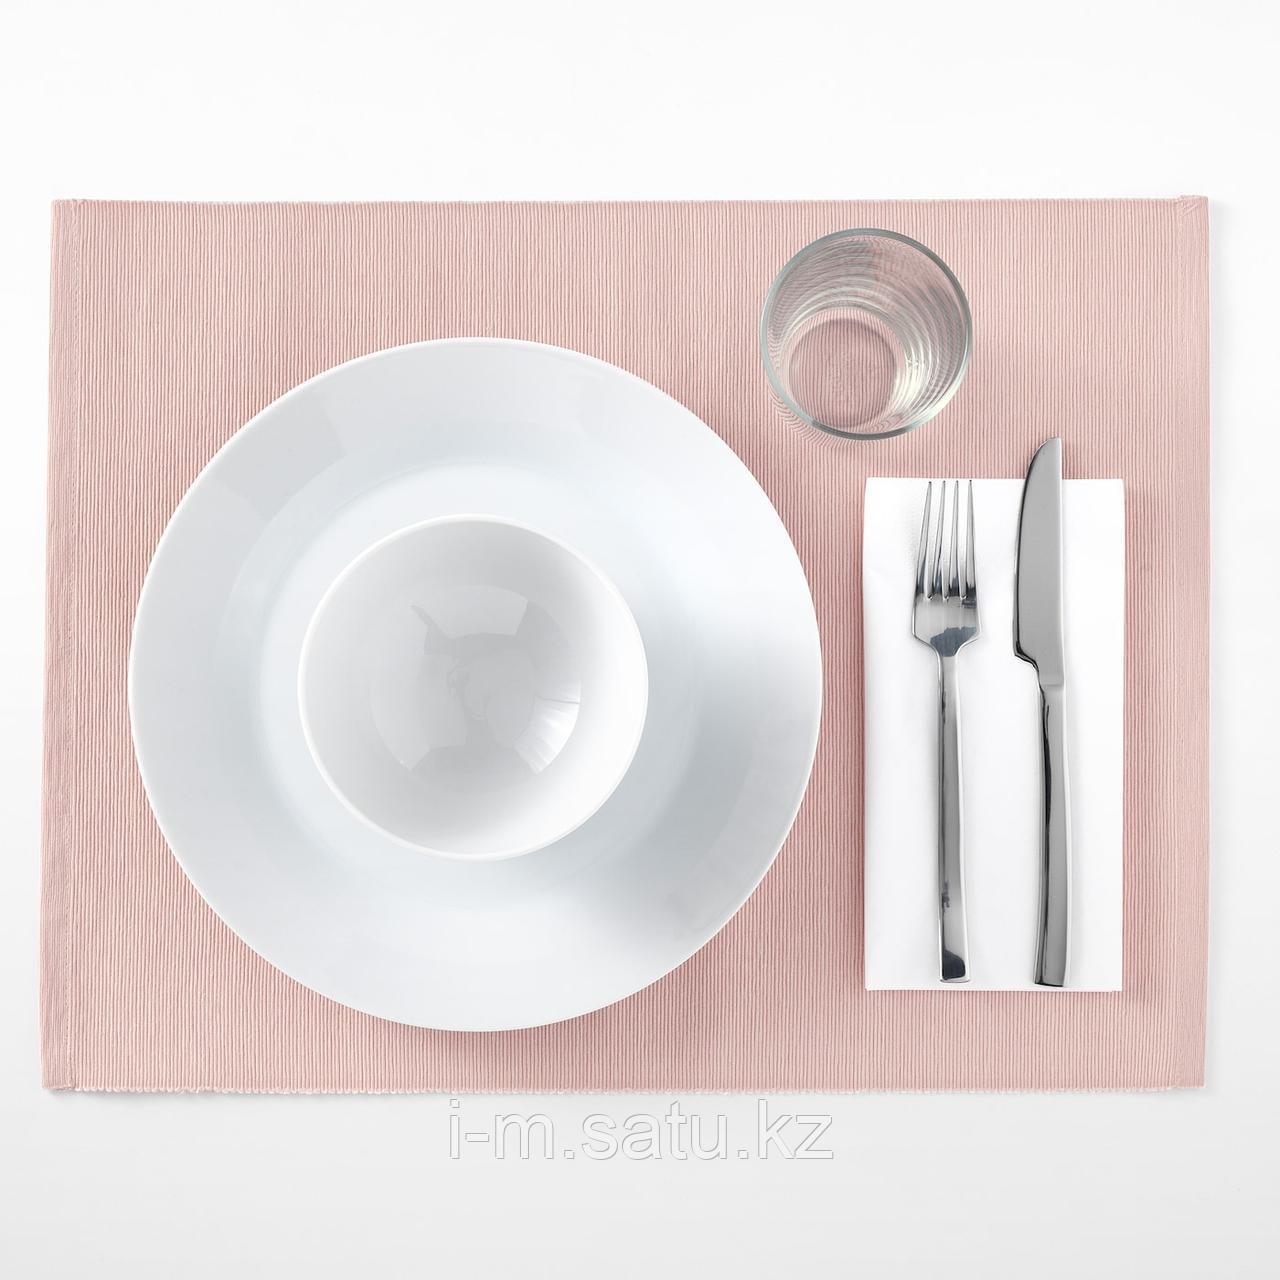 МЭРИТ Салфетка под прибор, розовый, 35x45 см